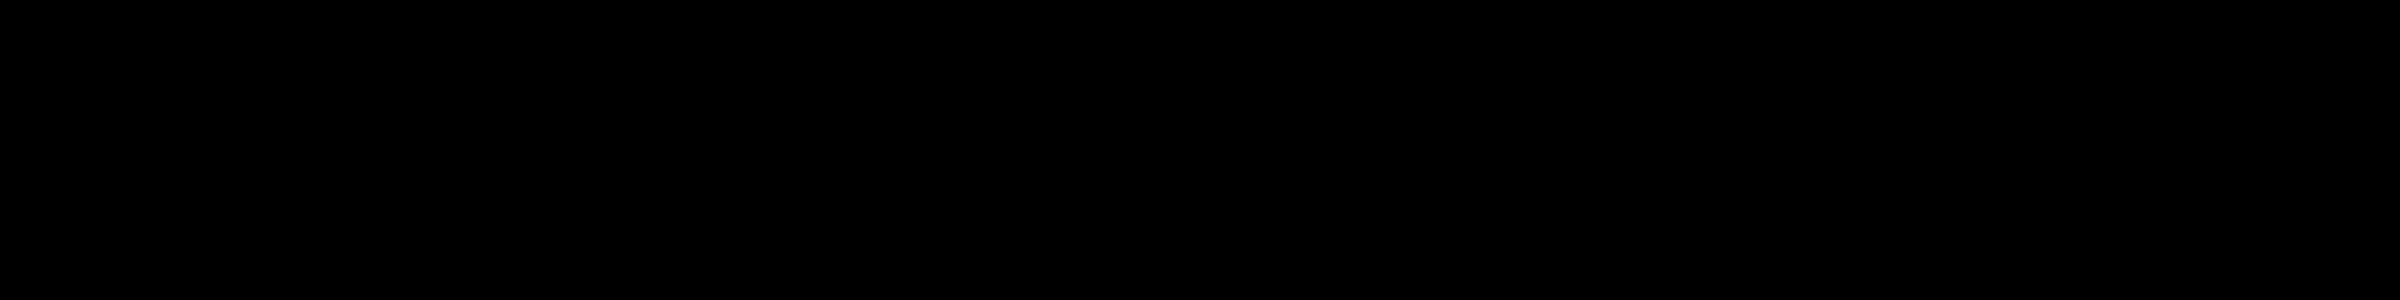 breuken groter dan 1 met elkaar vermenigvuldigen (middenbouw)